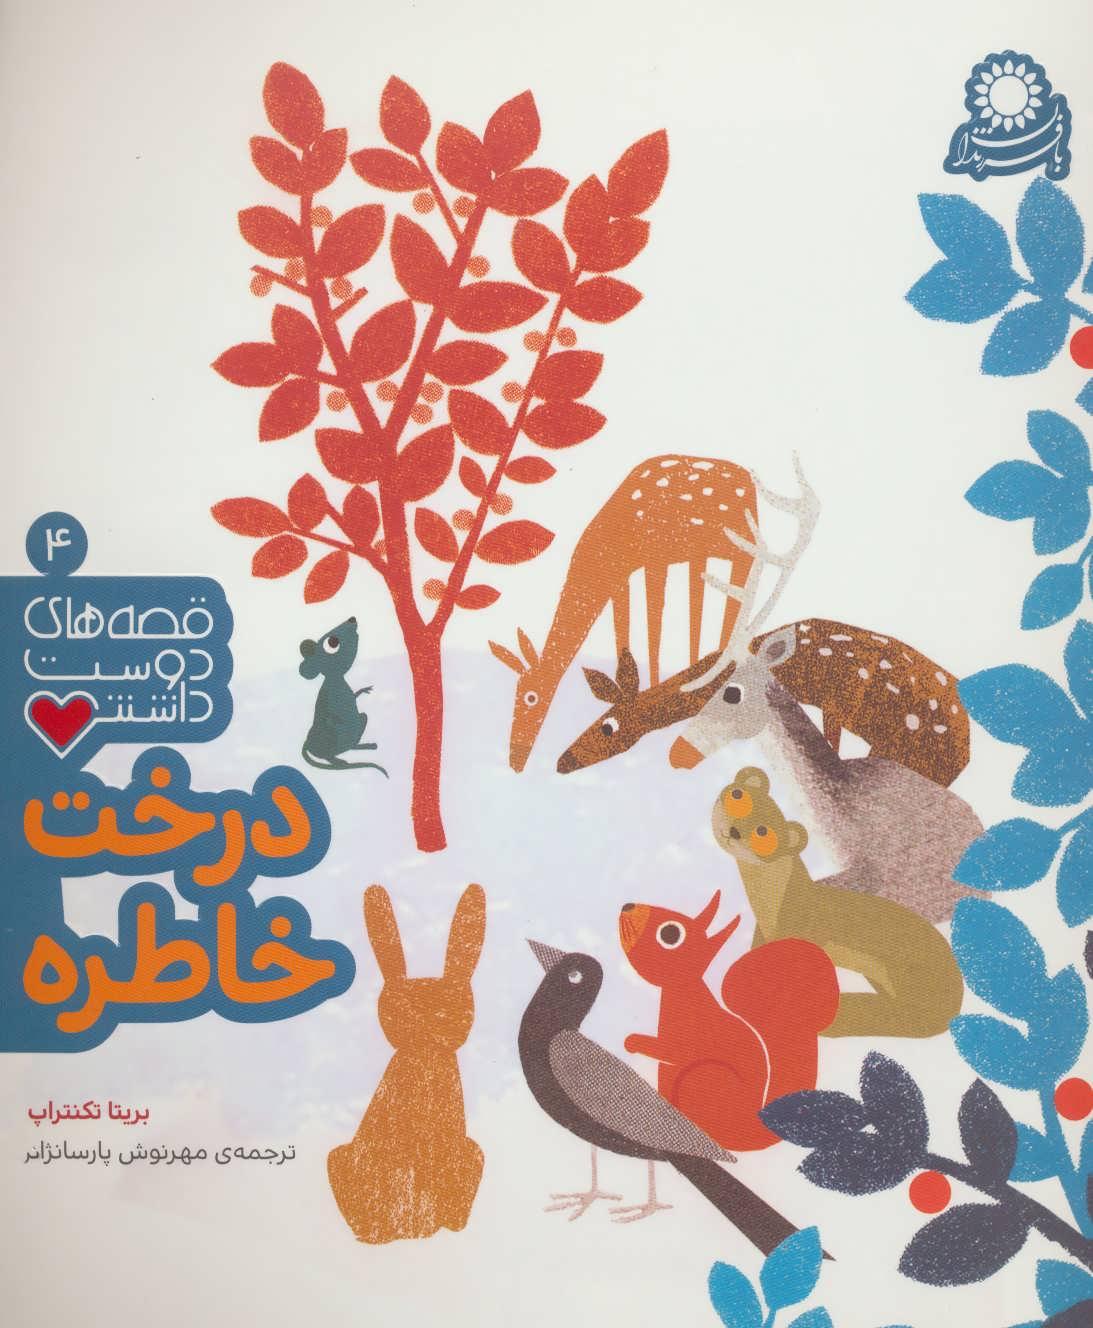 قصه های دوست داشتن 4 (درخت خاطره)